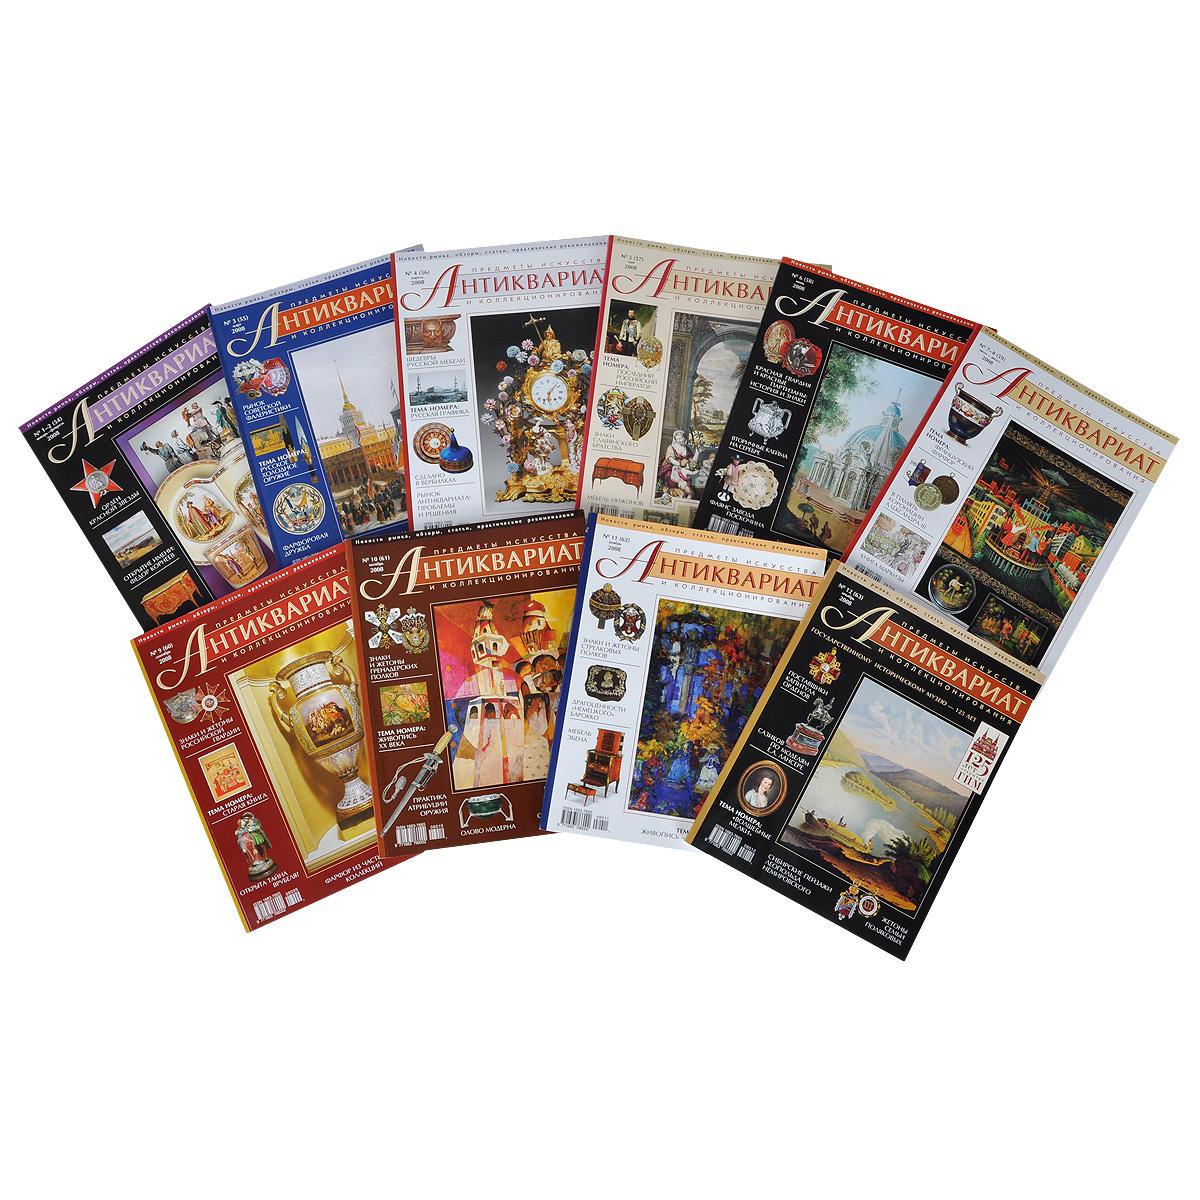 Антиквариат, предметы искусства и коллекционирования, №1-12, 2008 (годовой комплект)